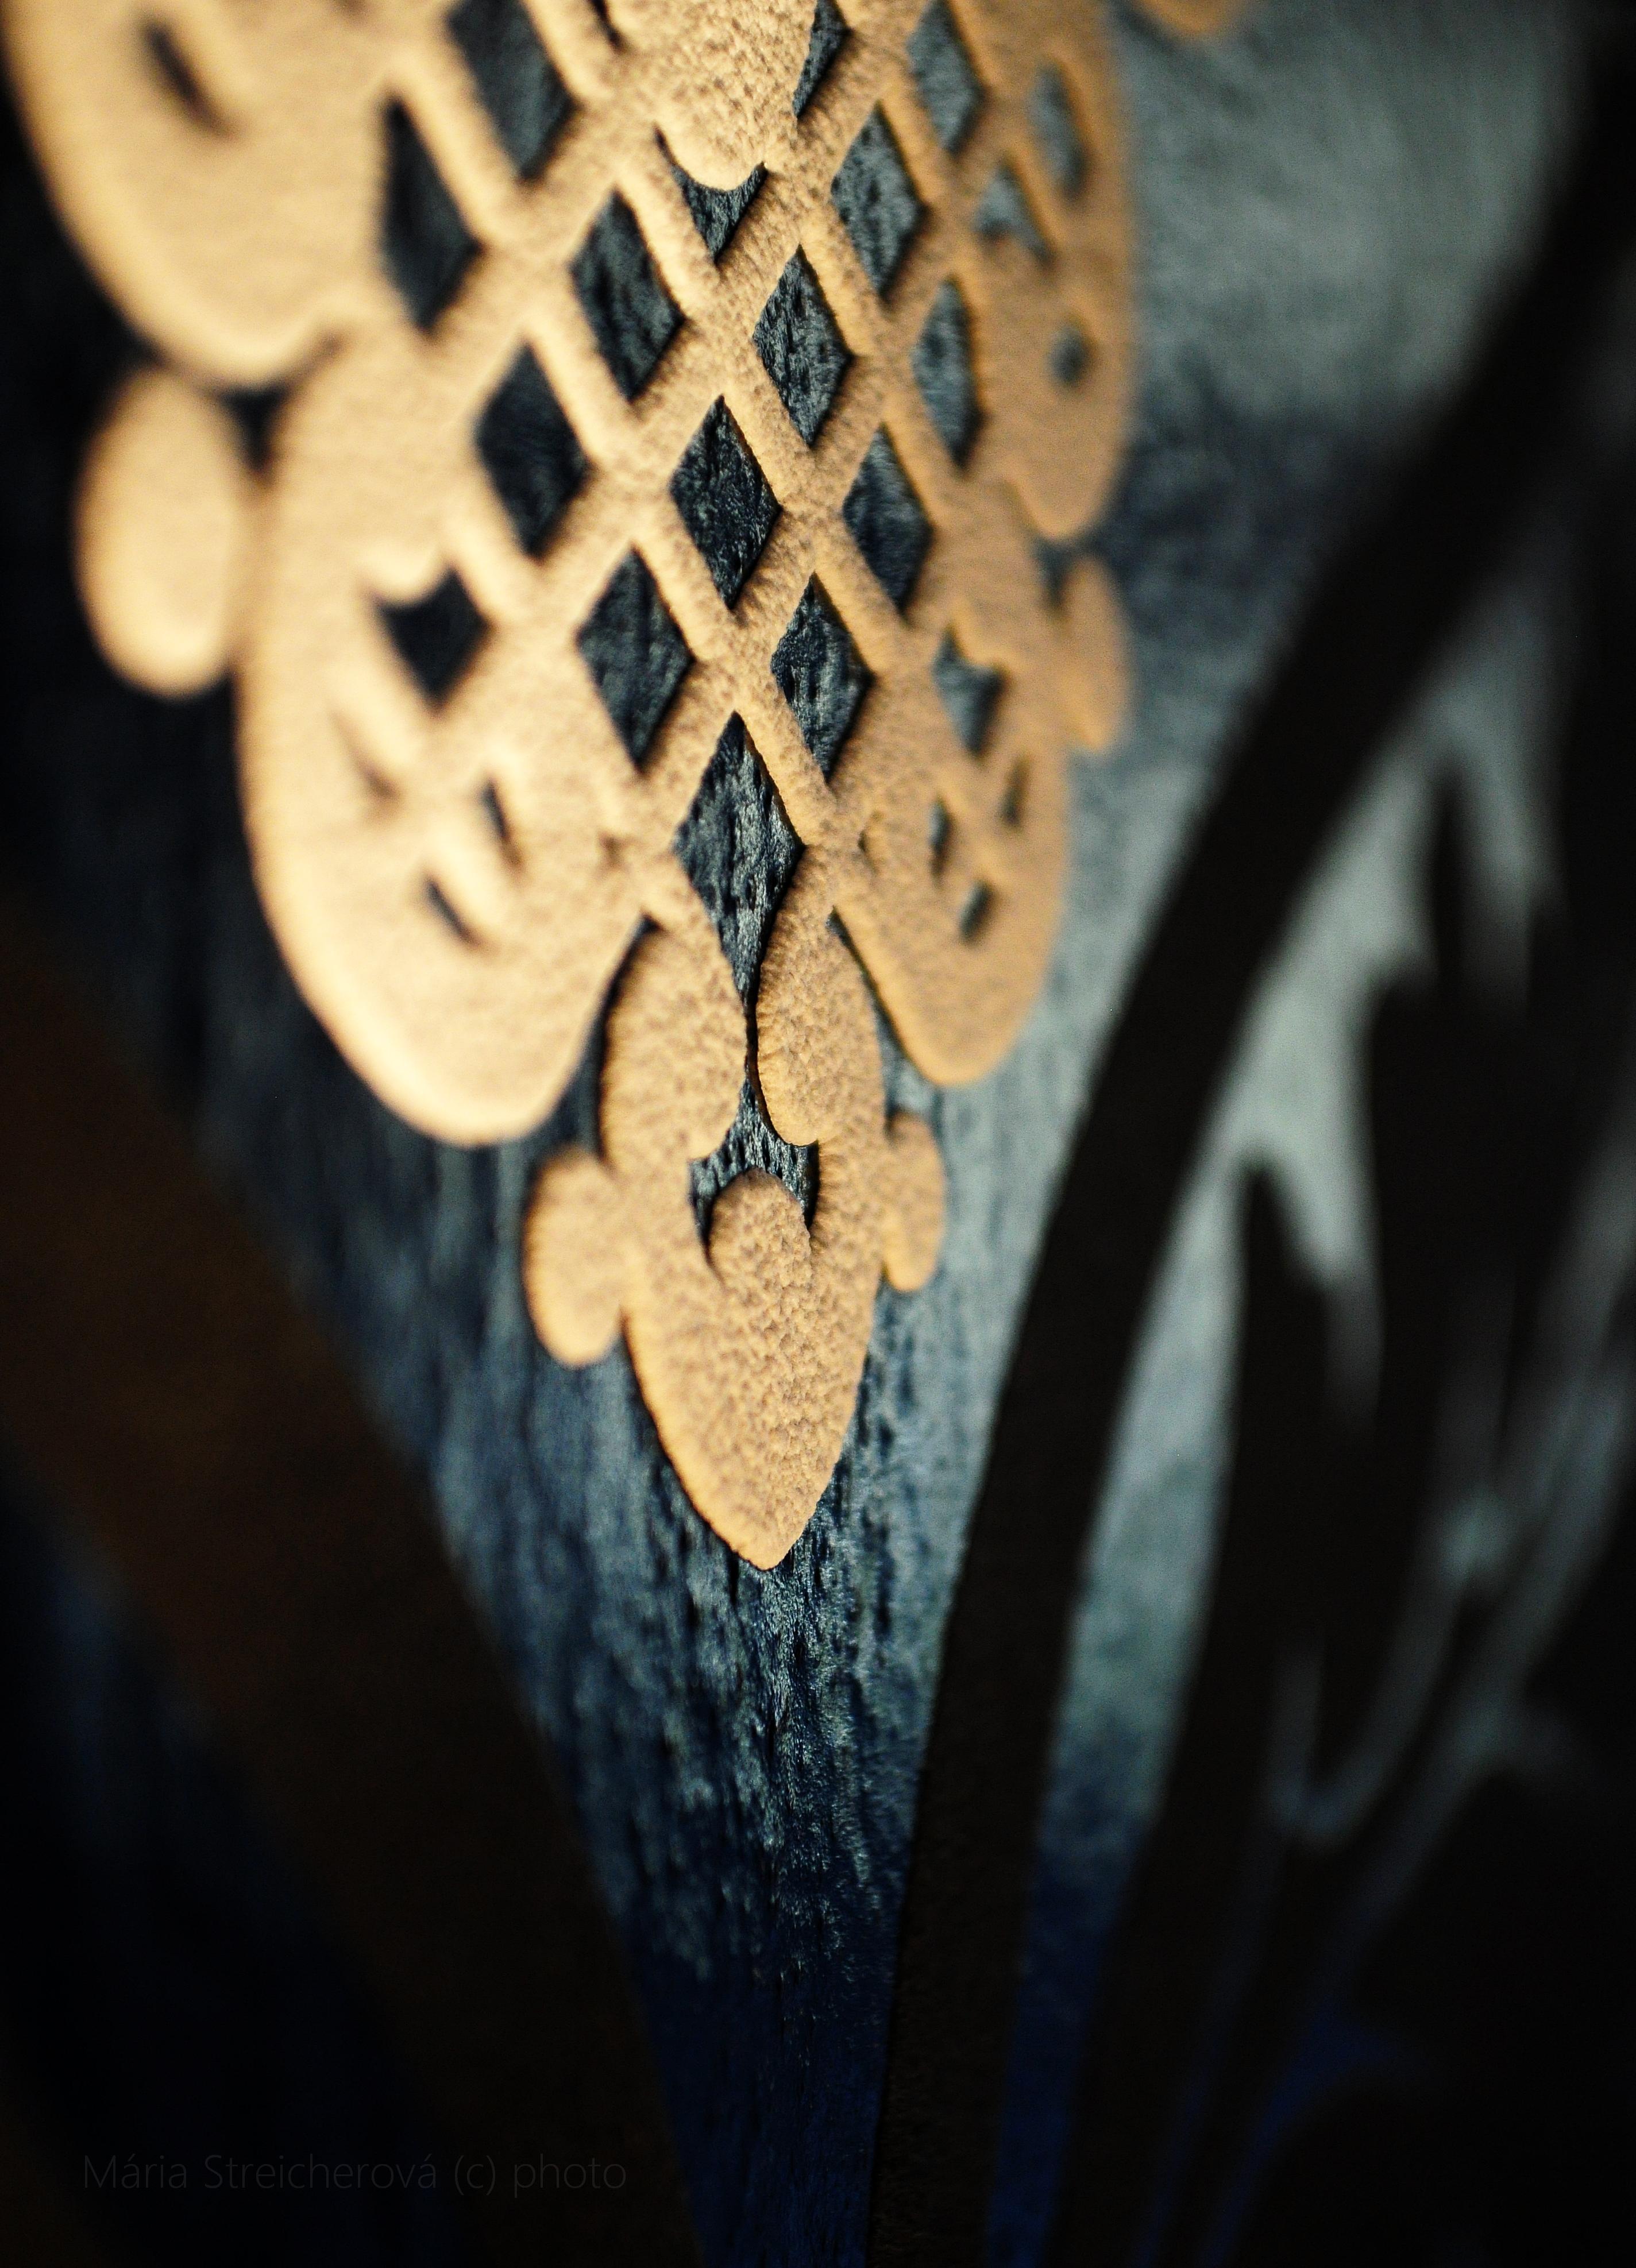 Detailný záber tapety, jej vzoru a štruktúry vo farbách čiernej, tmavomodrej a smotanovobielej.